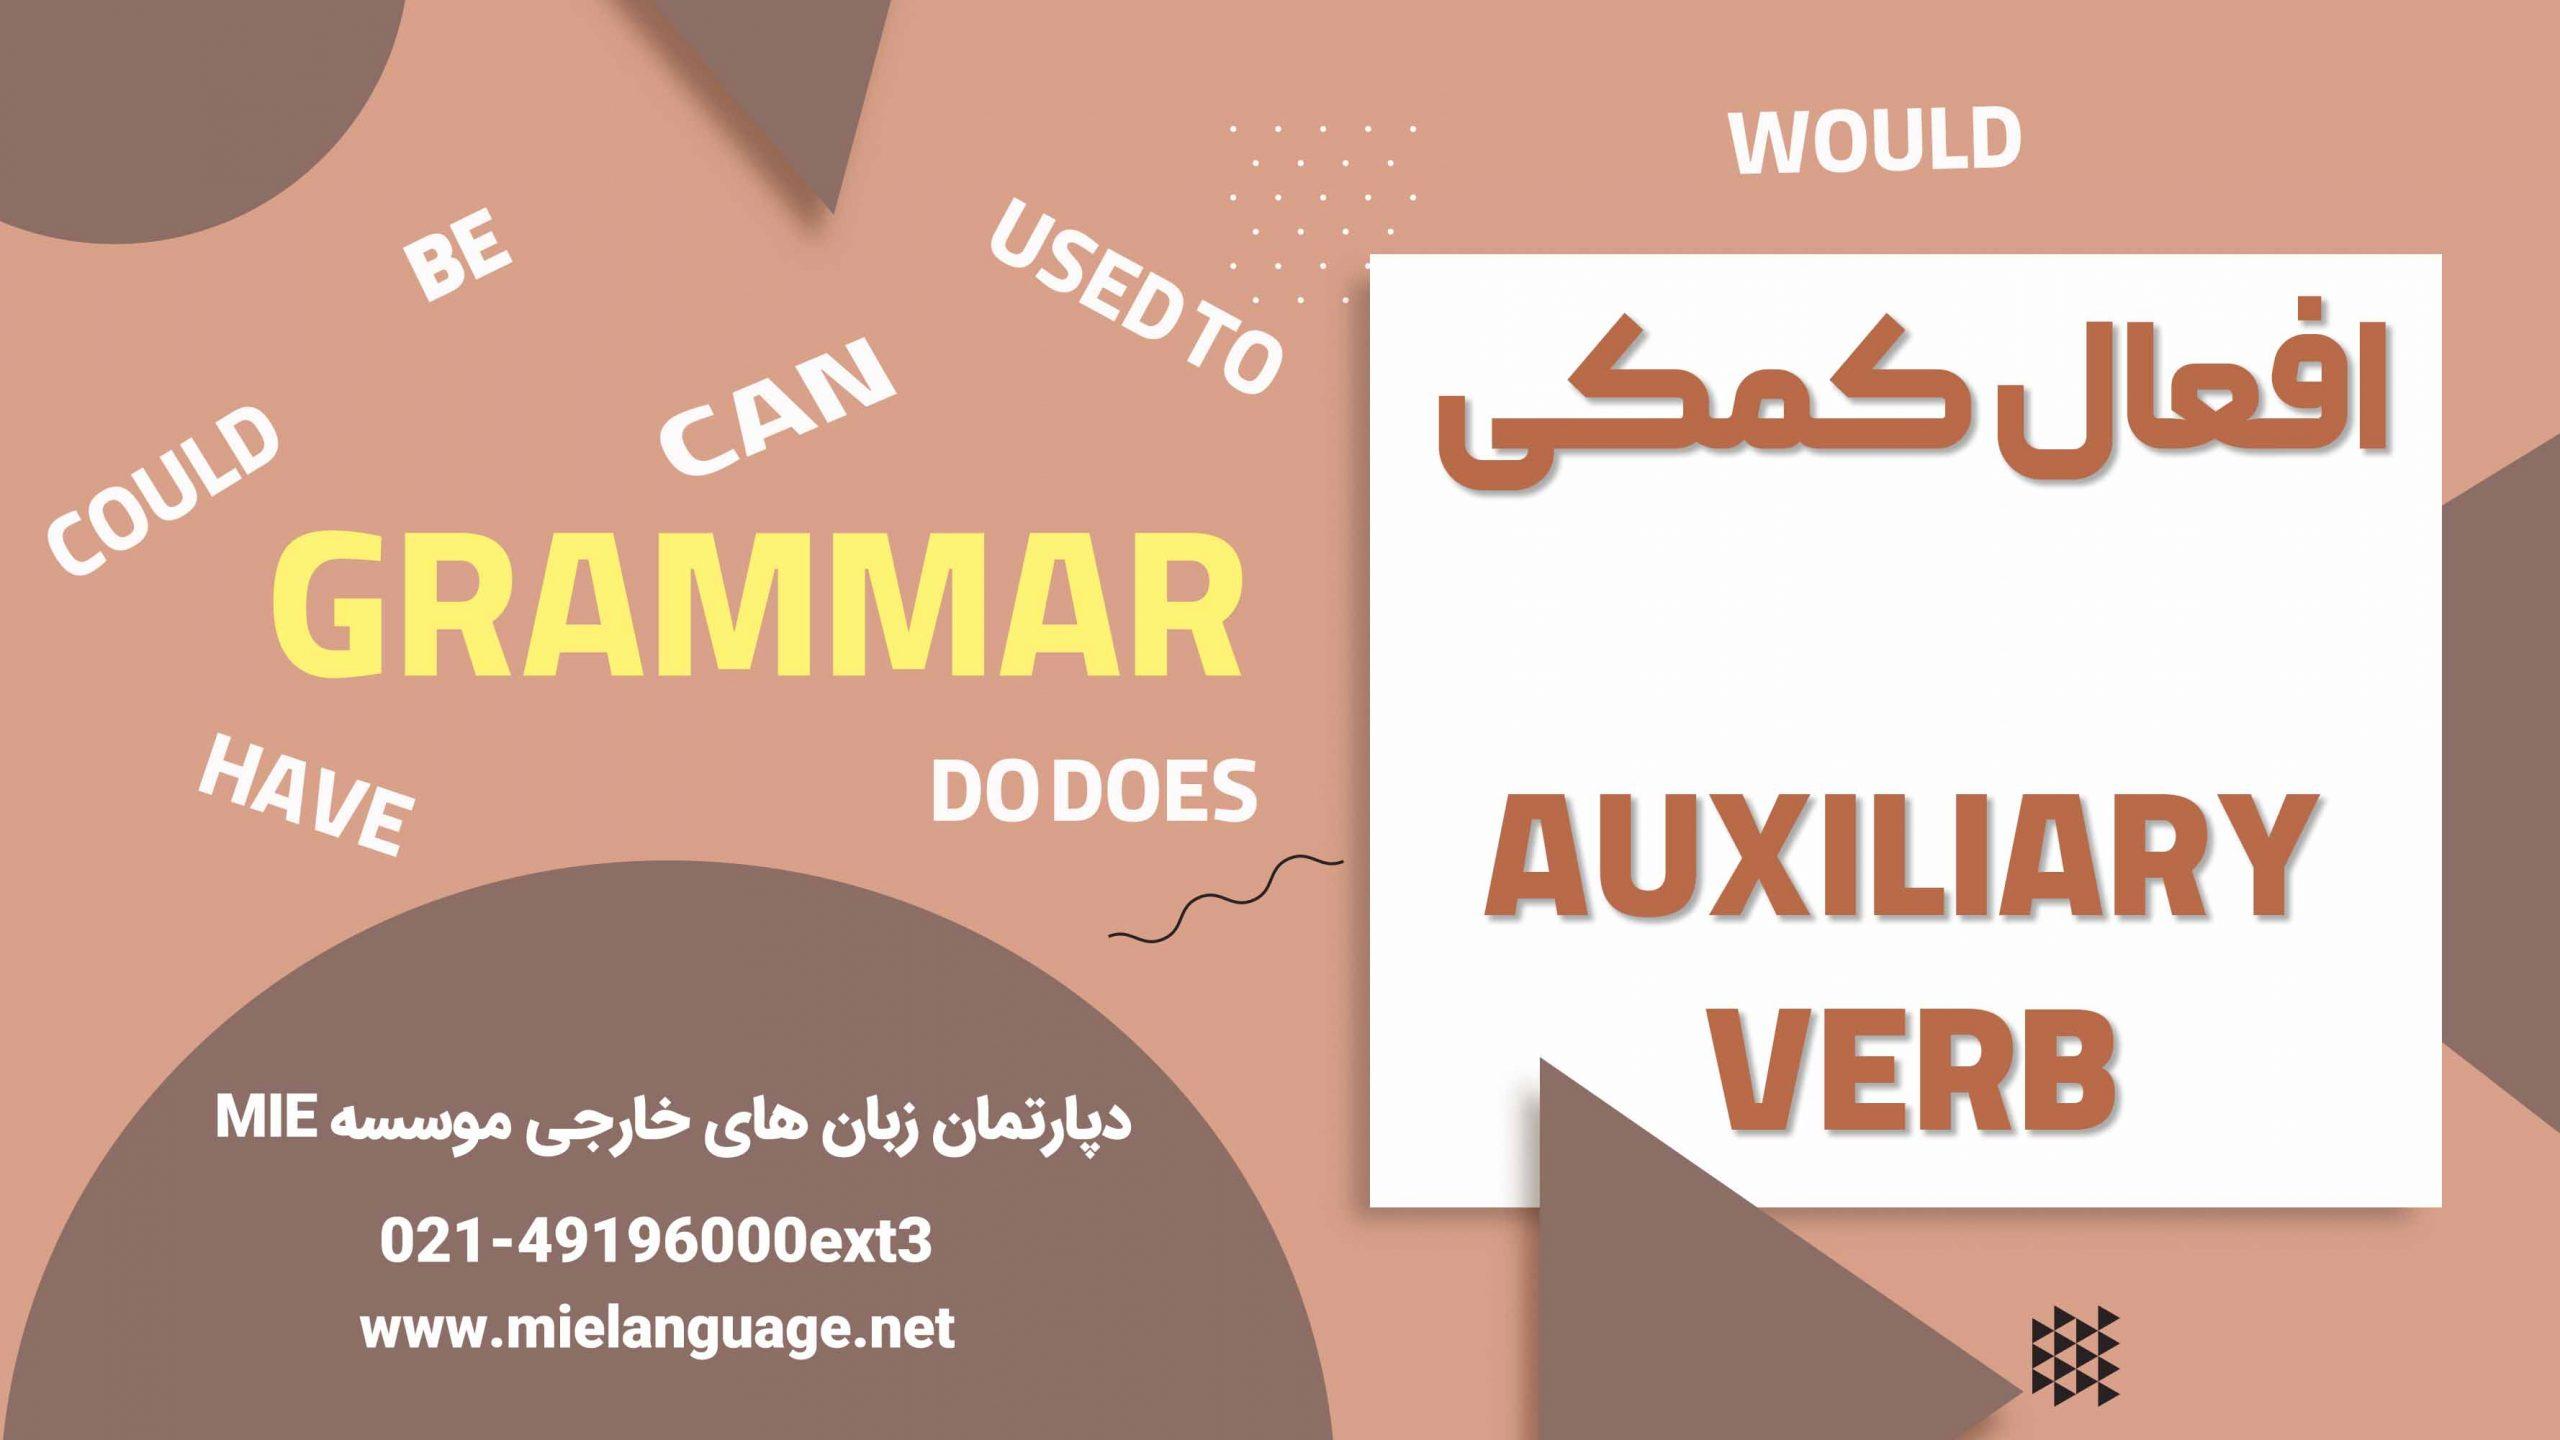 ساده ترین روش یادگیری افعال کمکی در زبان انگلیسی